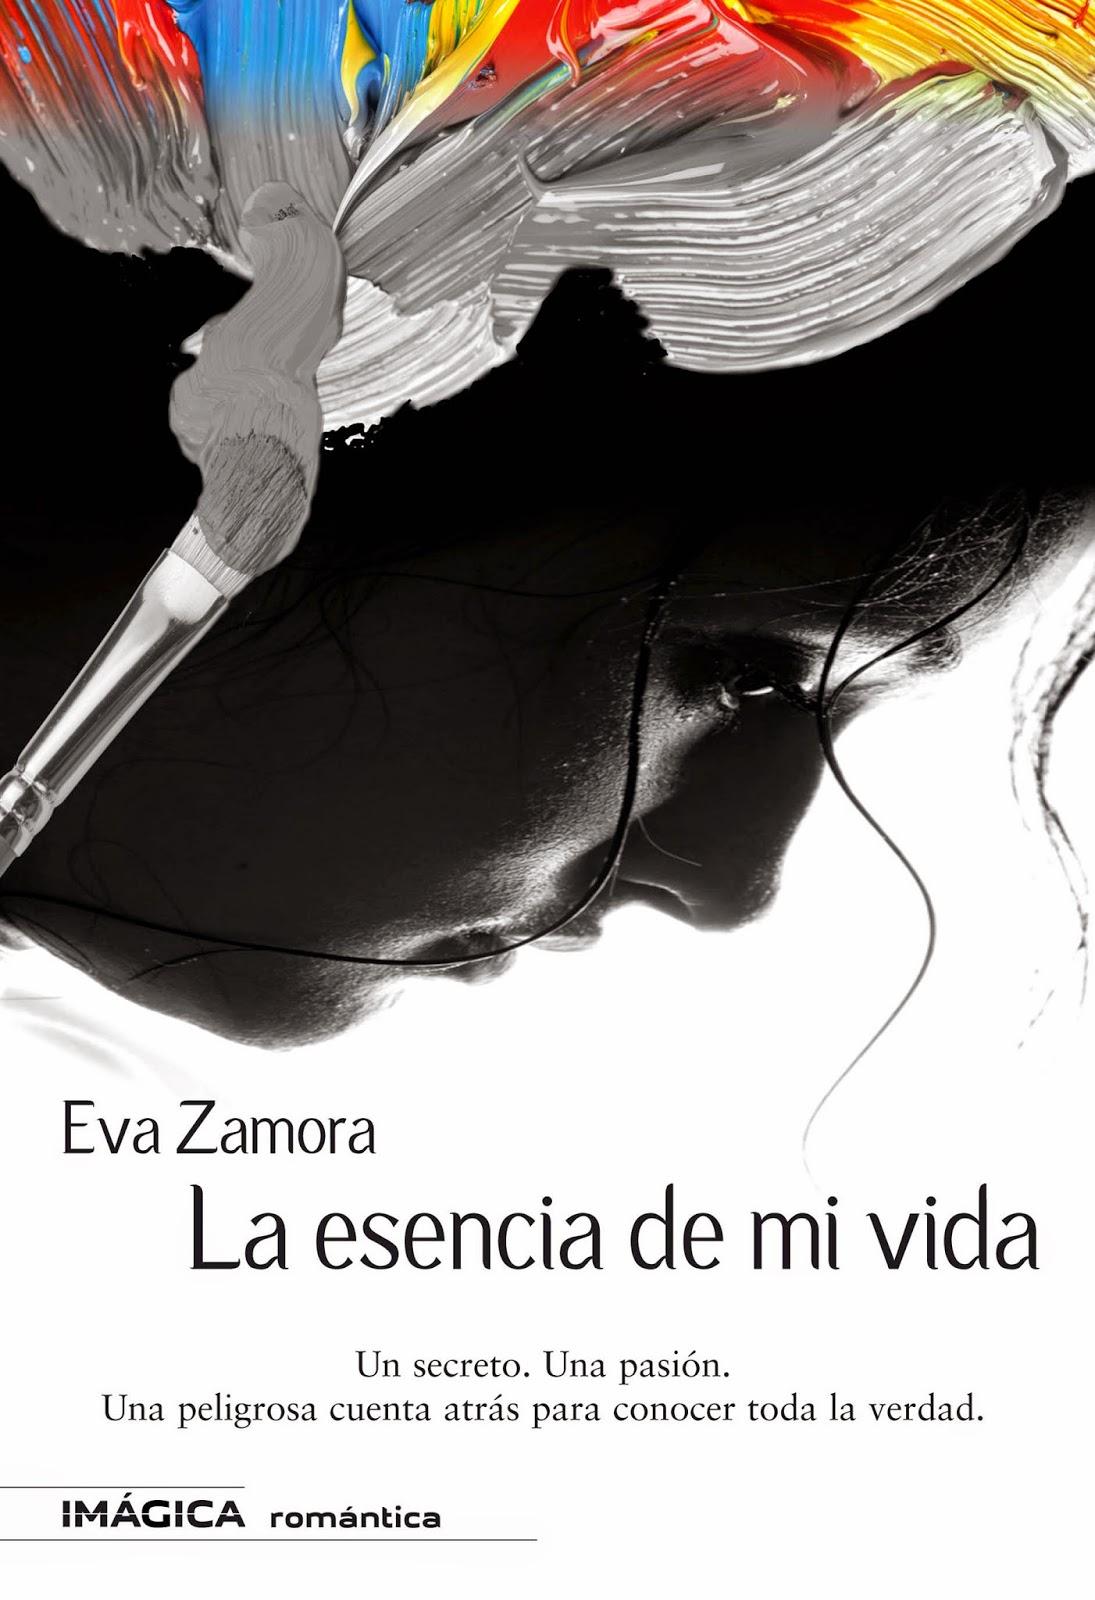 http://www.albertosantoseditor.com/shop/article_79/La-esencia-de-mi-vida.html